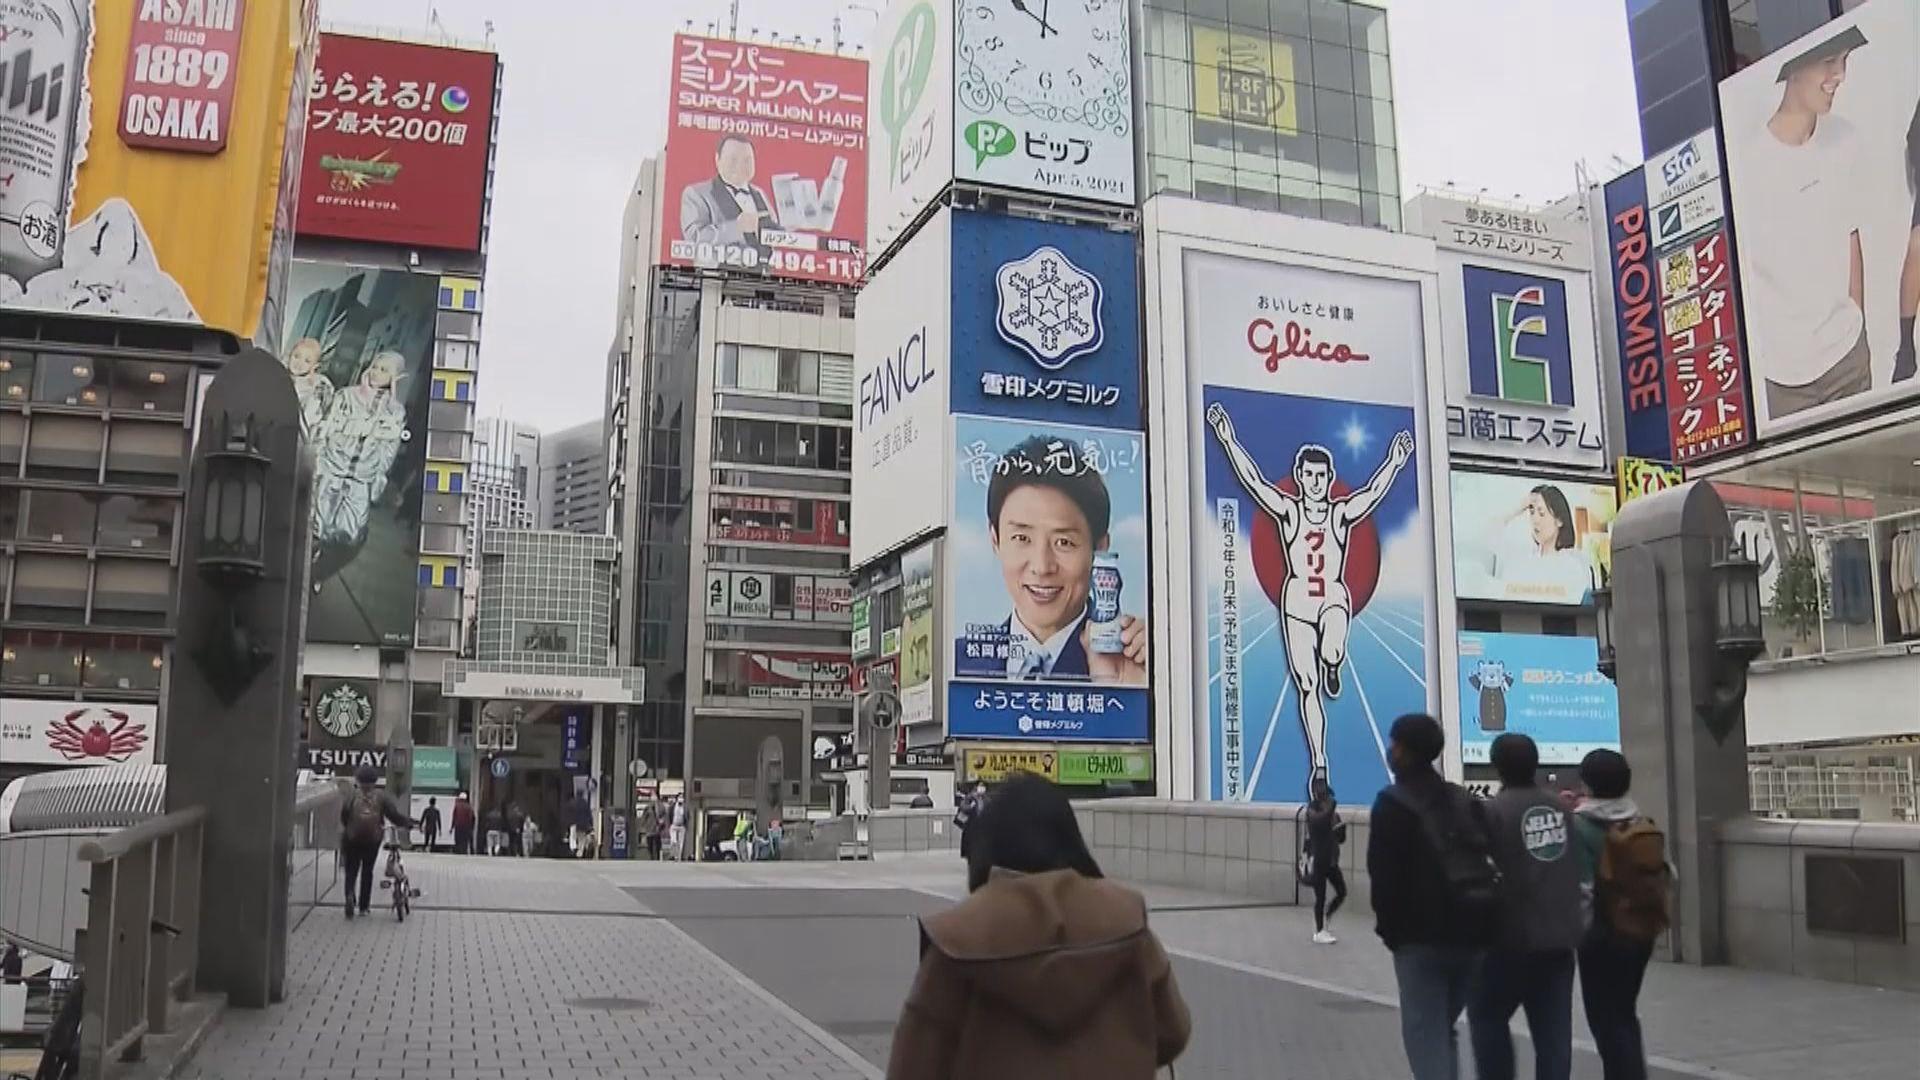 據報日本周五向東京、大阪及兵庫頒布緊急狀態